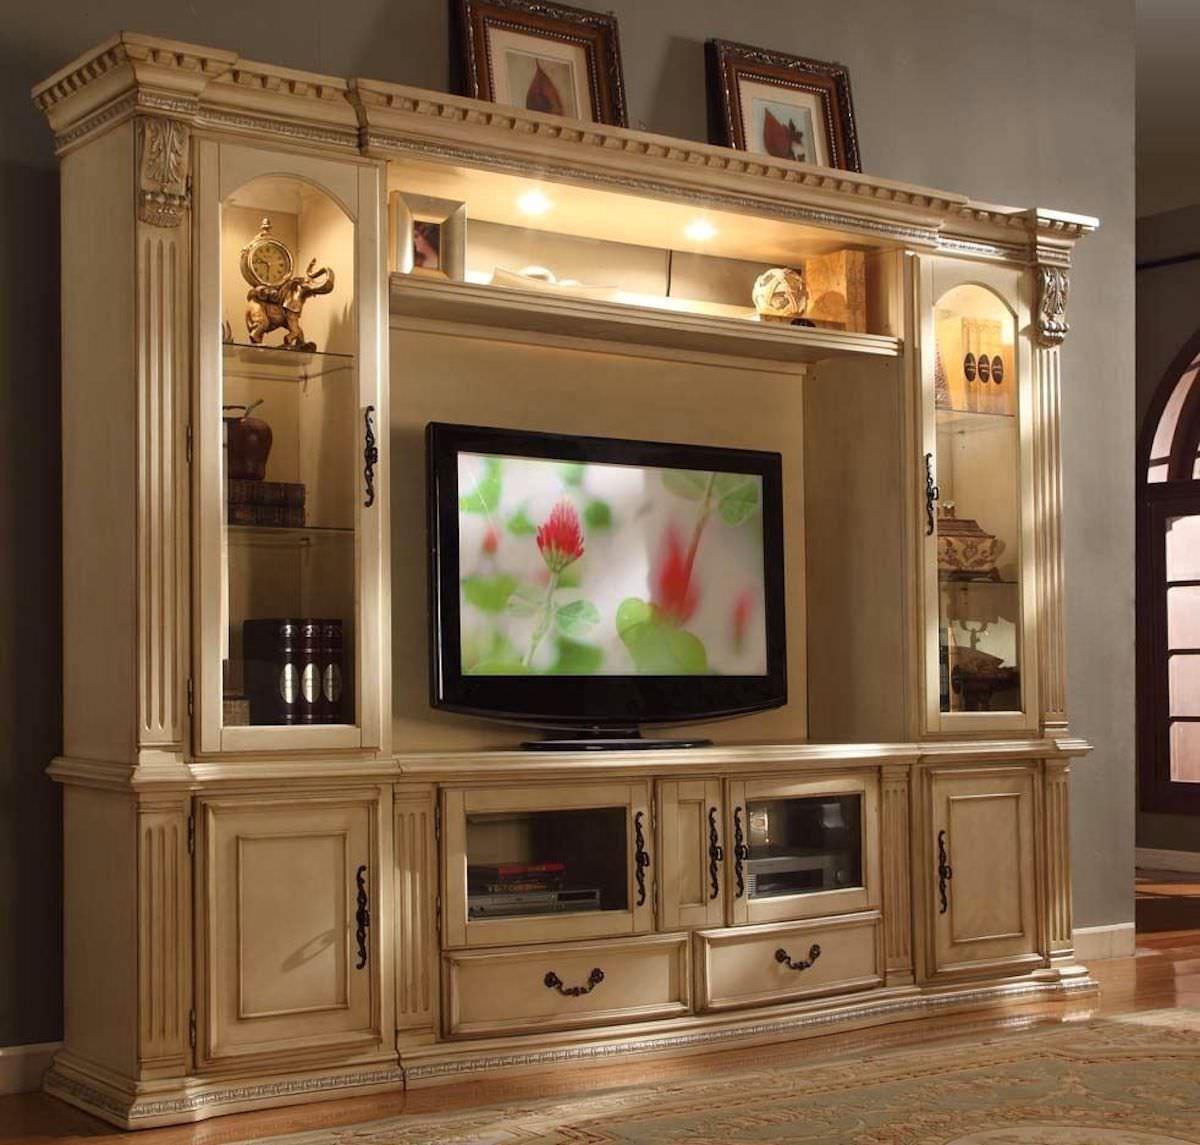 Thiết kế kệ tivi kết hợp tủ rượu phong cách tân cổ điển màu trắng